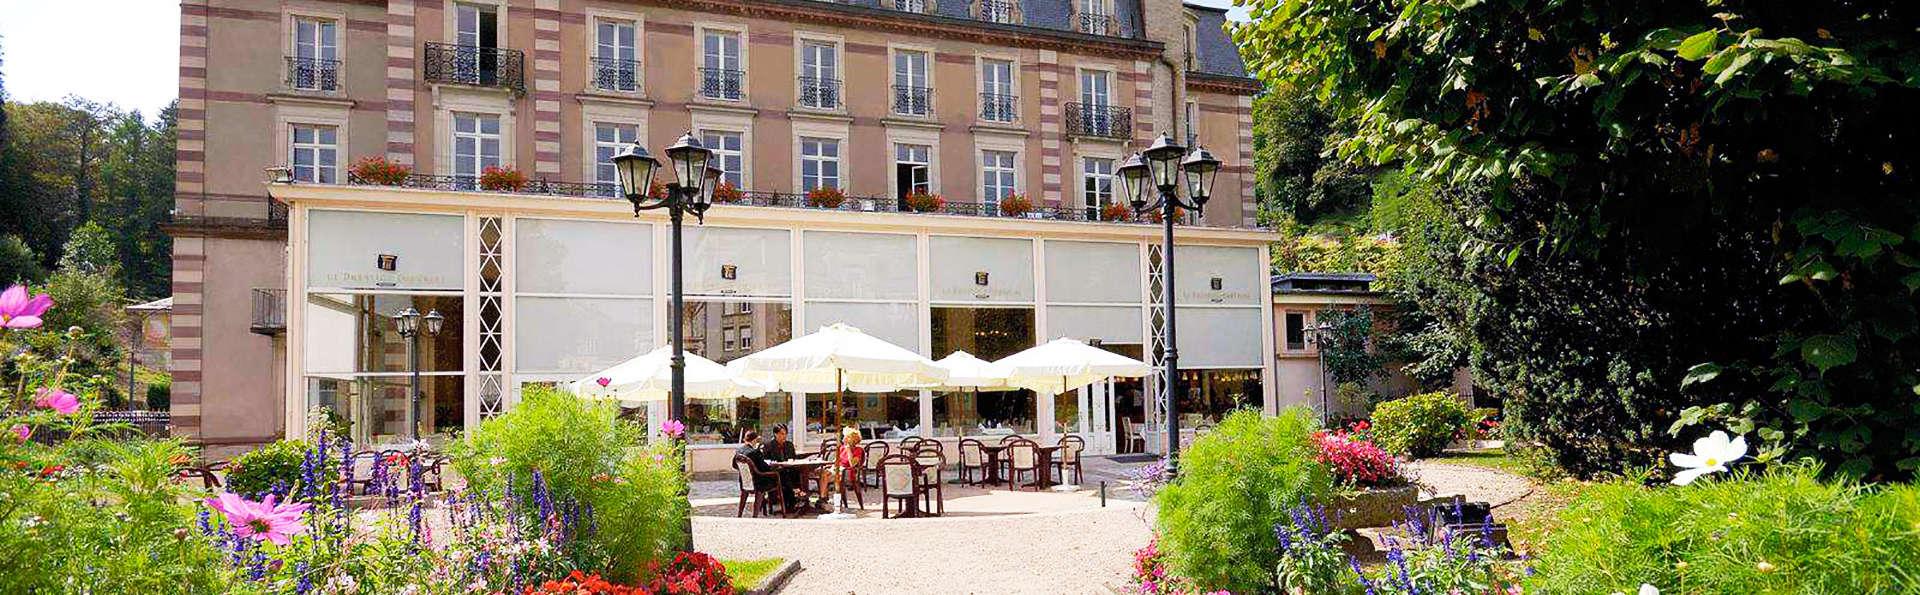 Grand Hôtel - Plombières les bains - Edit_front2.jpg